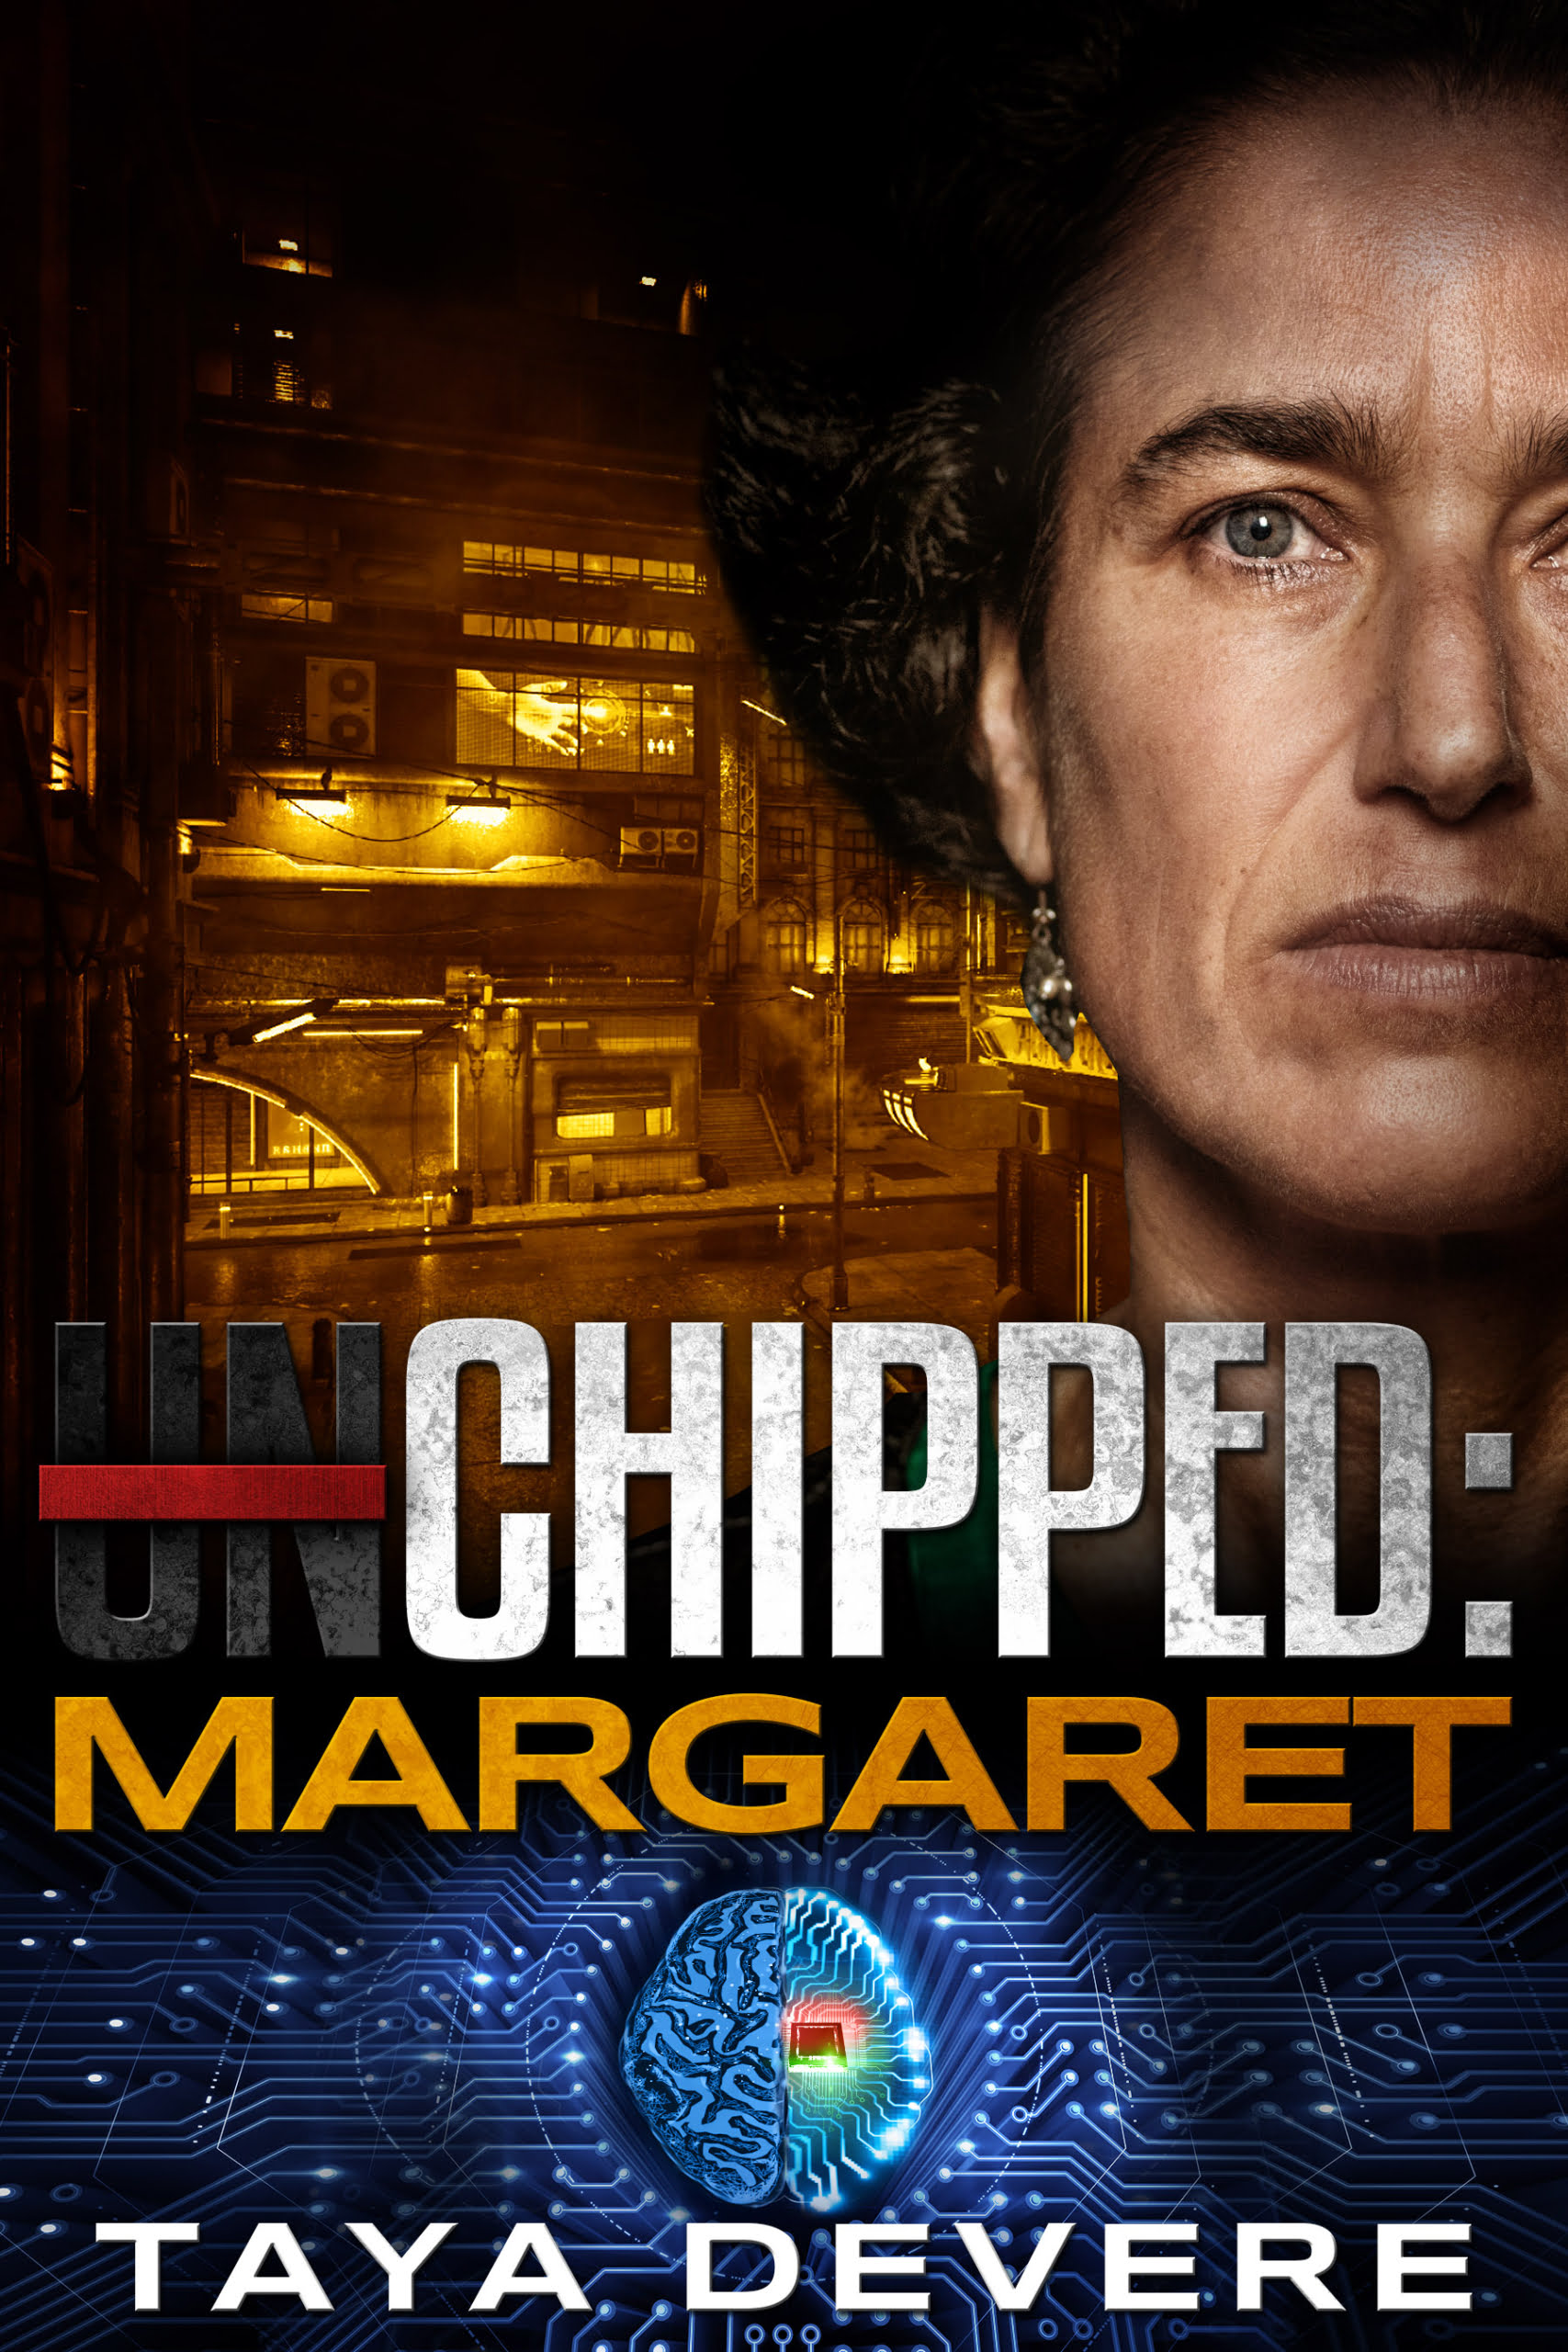 Book 8 MARGARET